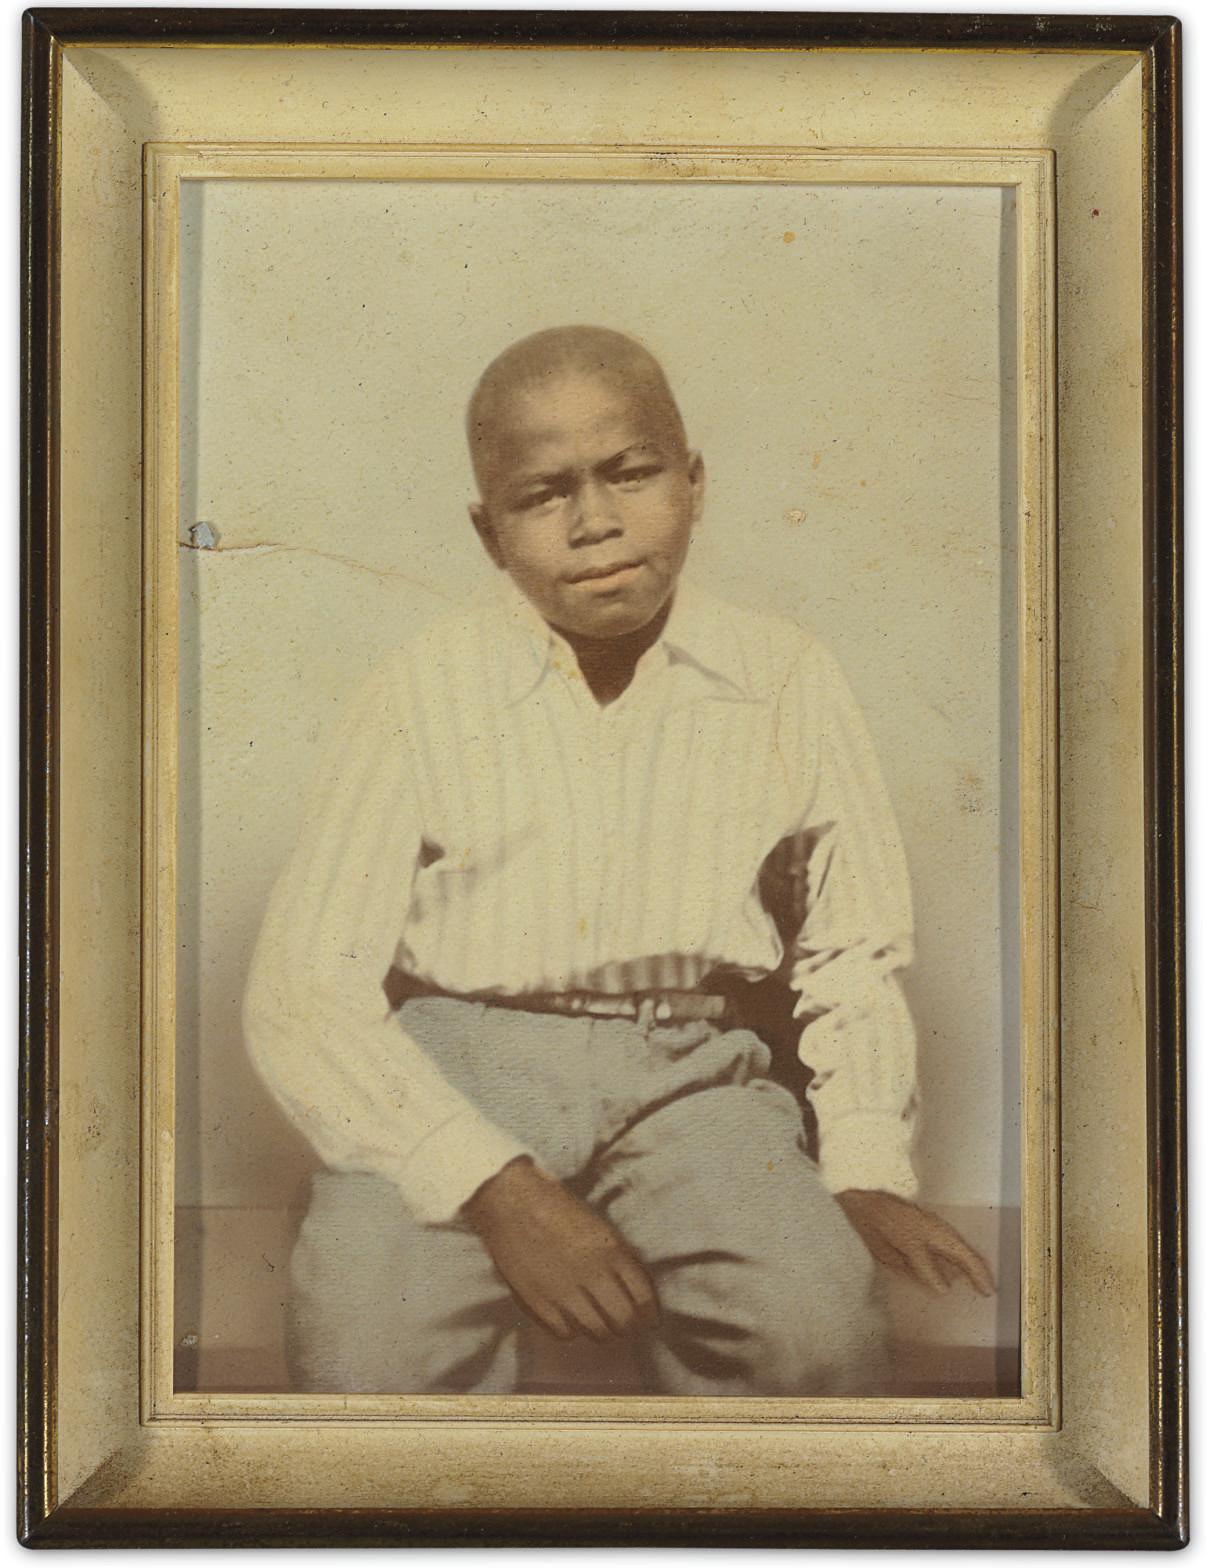 James Brown Childhood Photogra